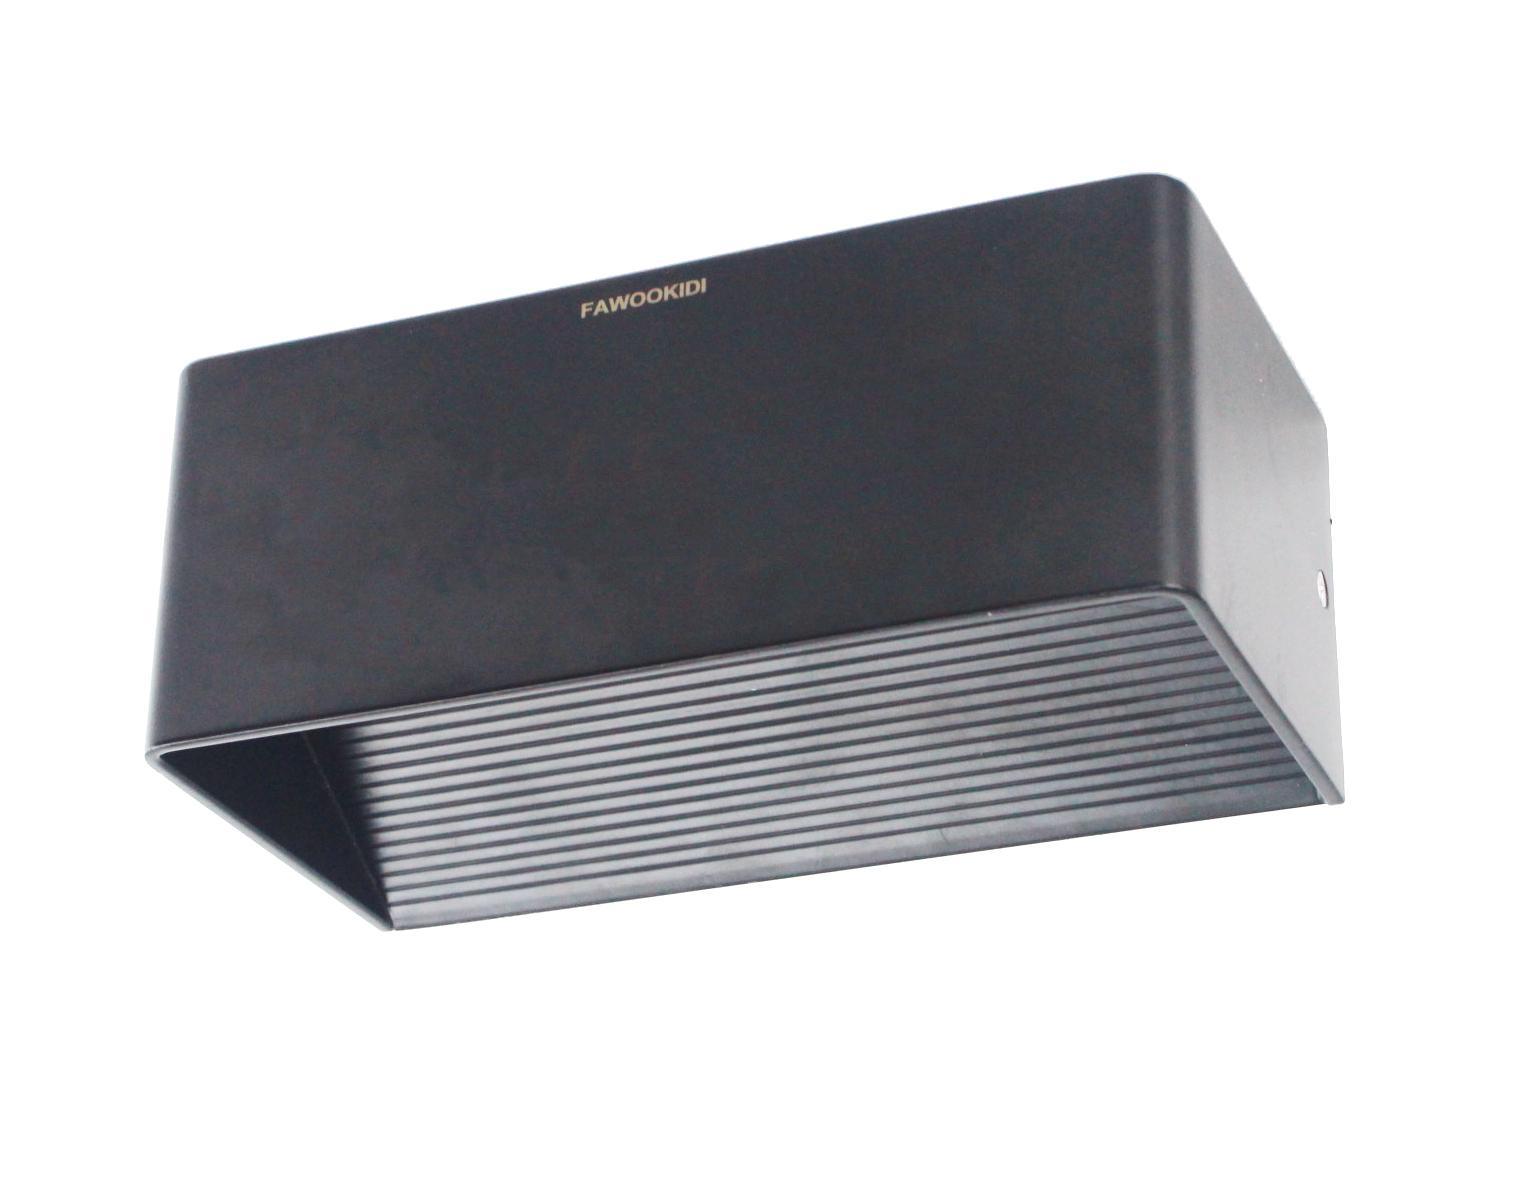 Giá mua bán Đèn LED tường FK-WAL-HD02 chính hãng giá tốt